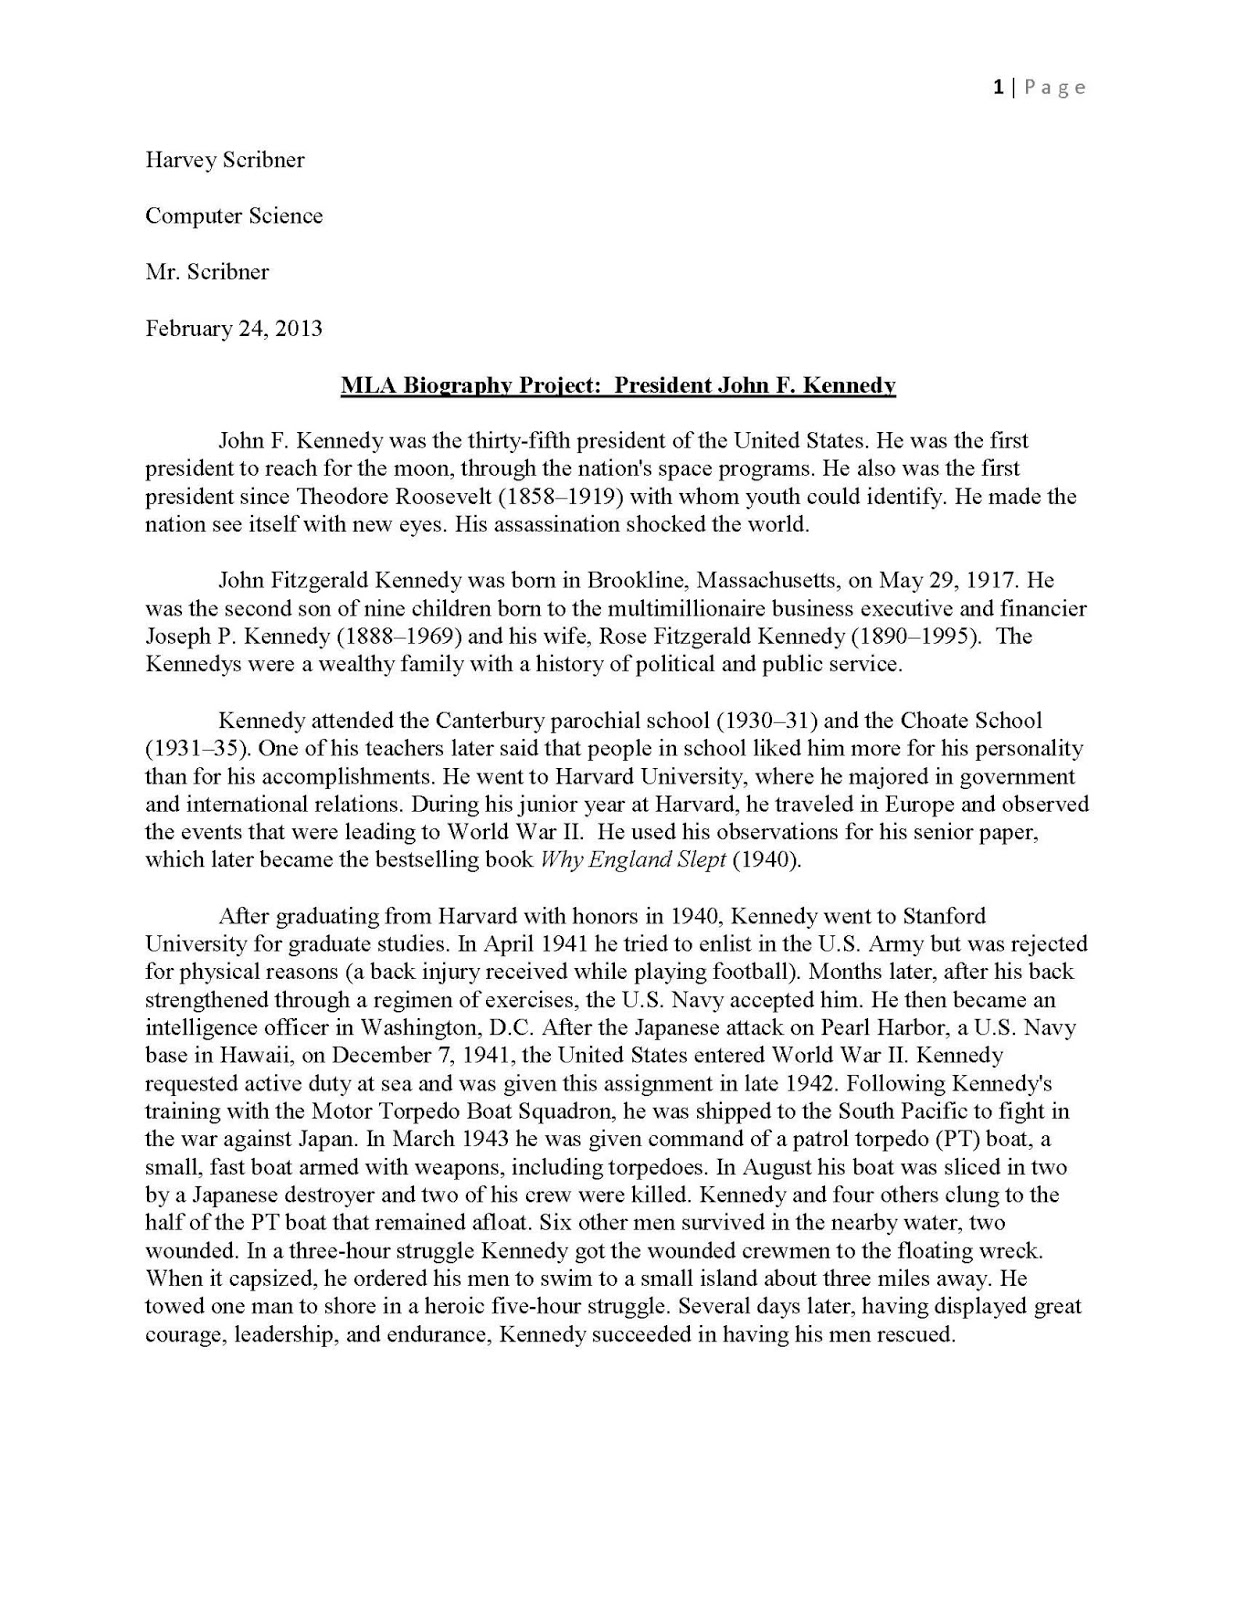 016 Njhs Essay Conclusion Example Jfkmlashortformbiographyreportexample Page 1 Unique Full